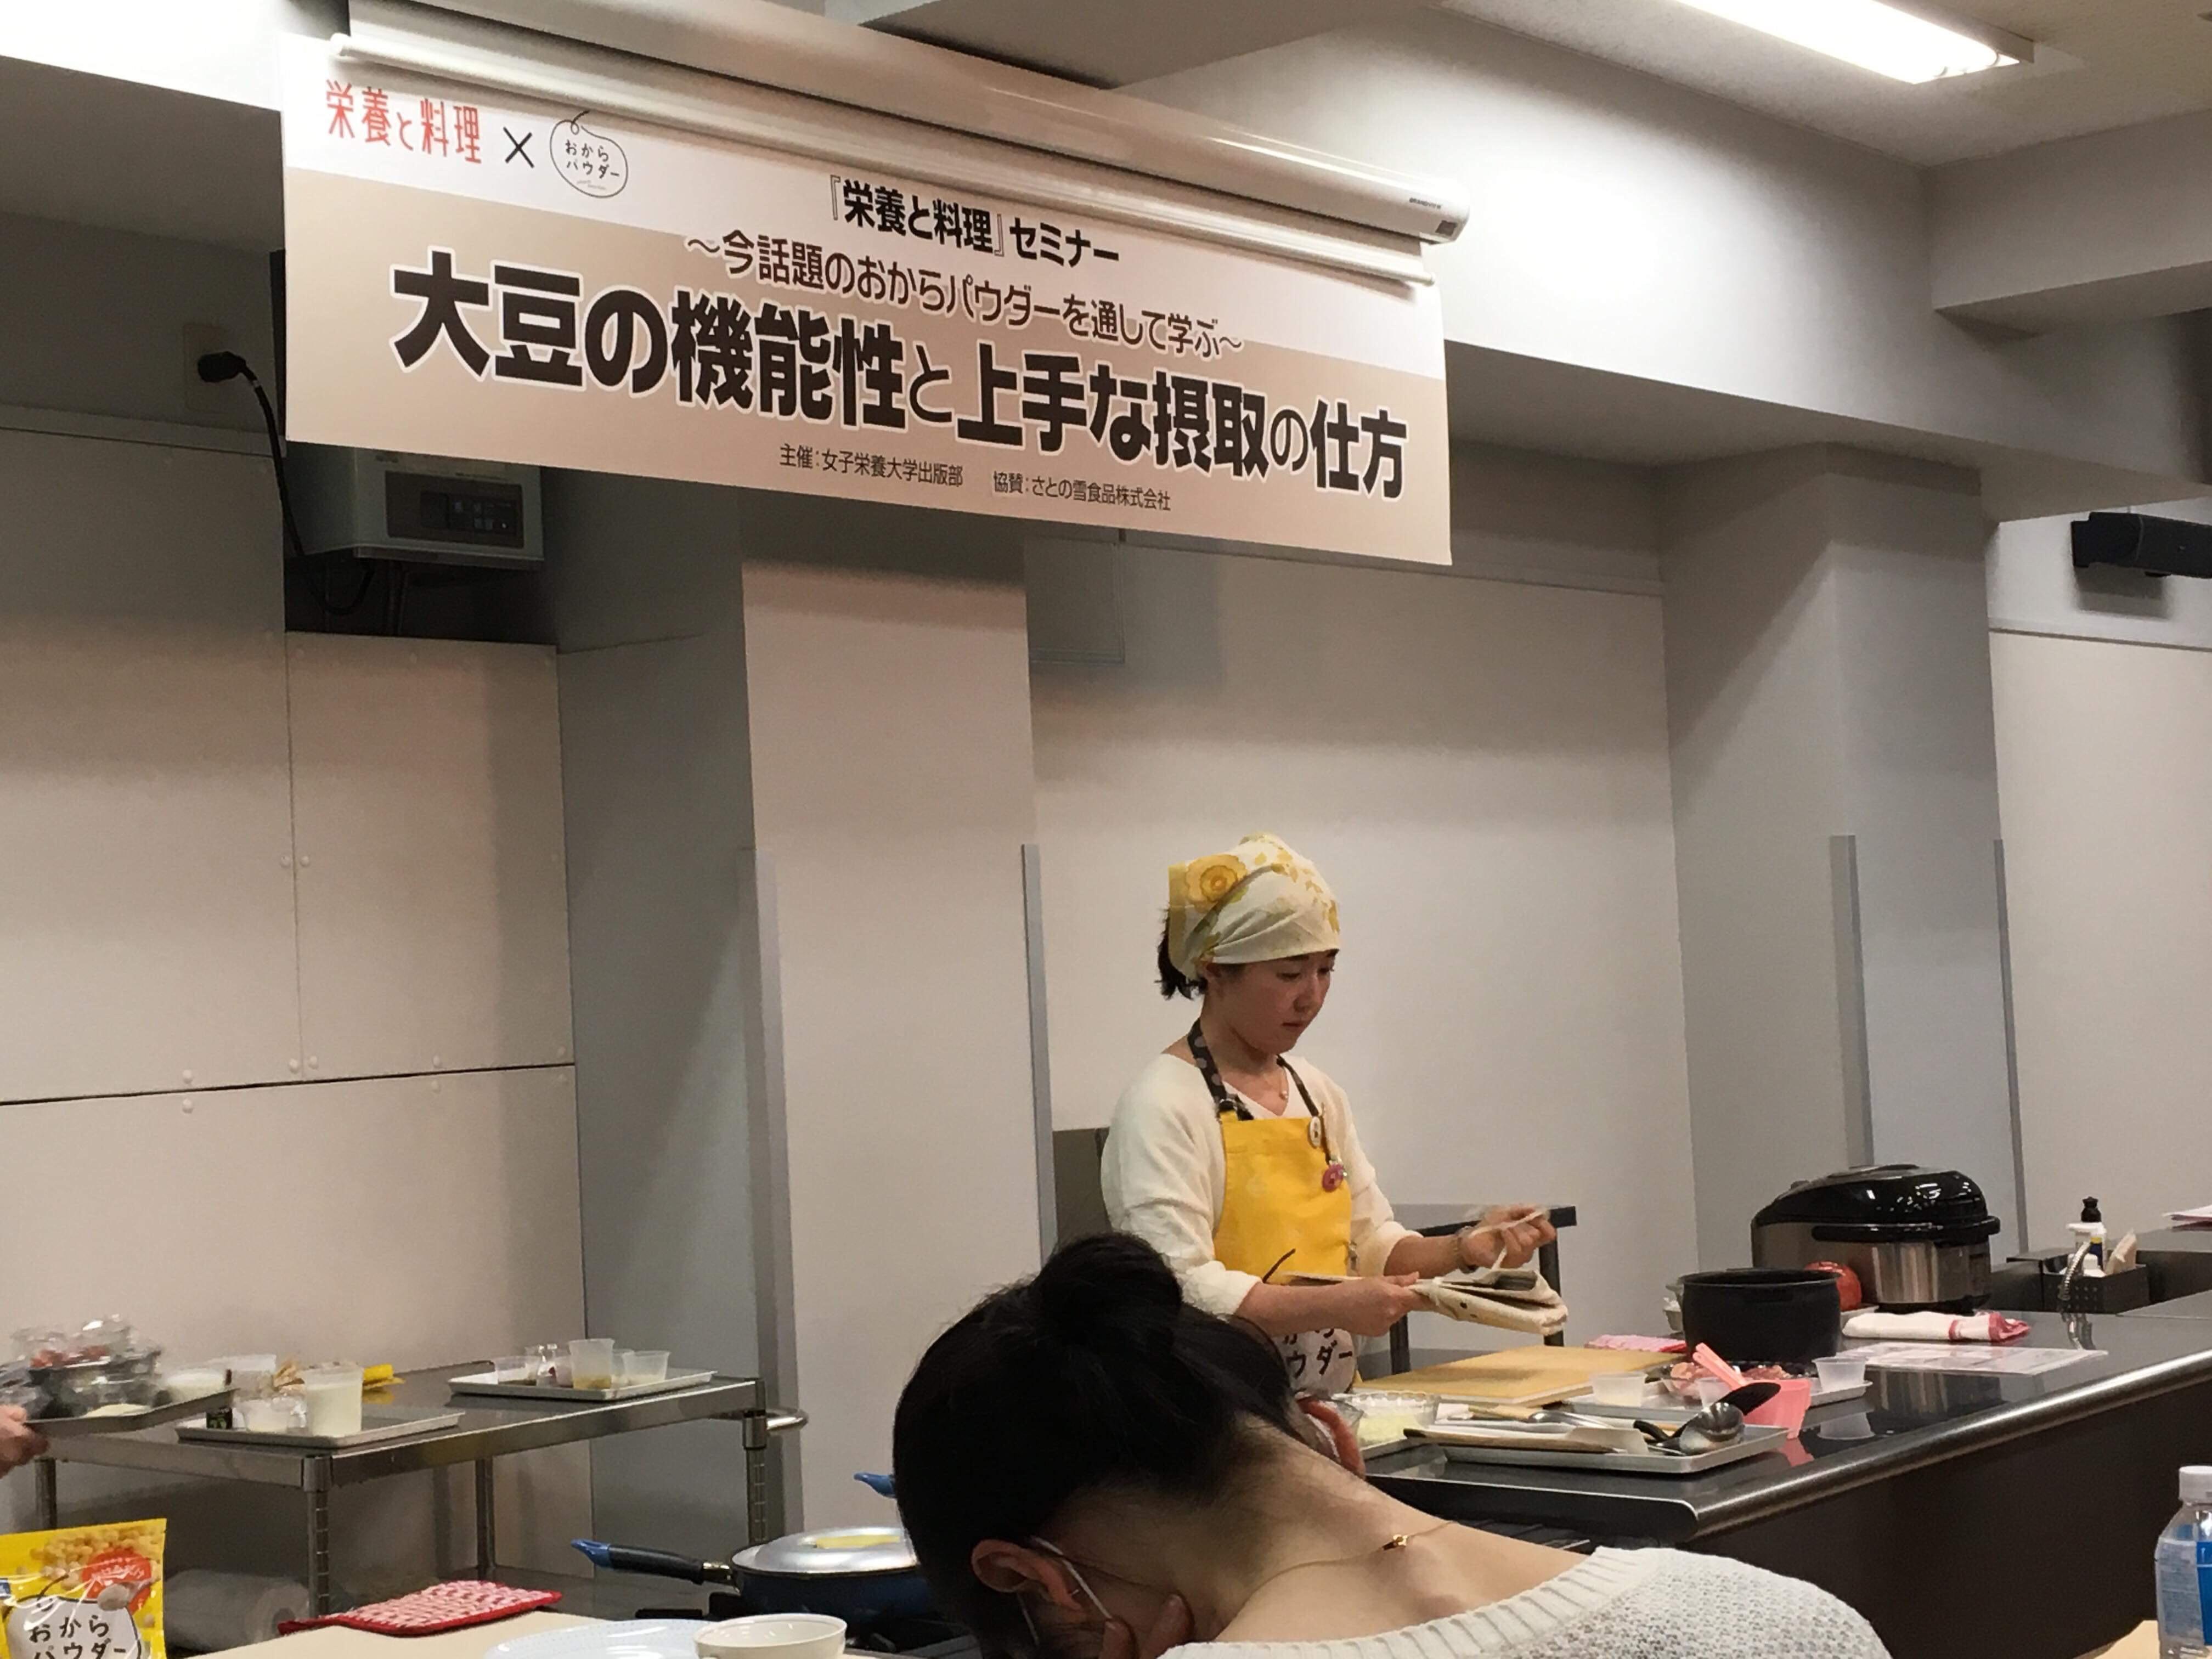 【料理講師】さとの雪食品×栄養と料理「今話題のおからパウダーを通して学ぶ大豆の機能性と上手な摂取の仕方~